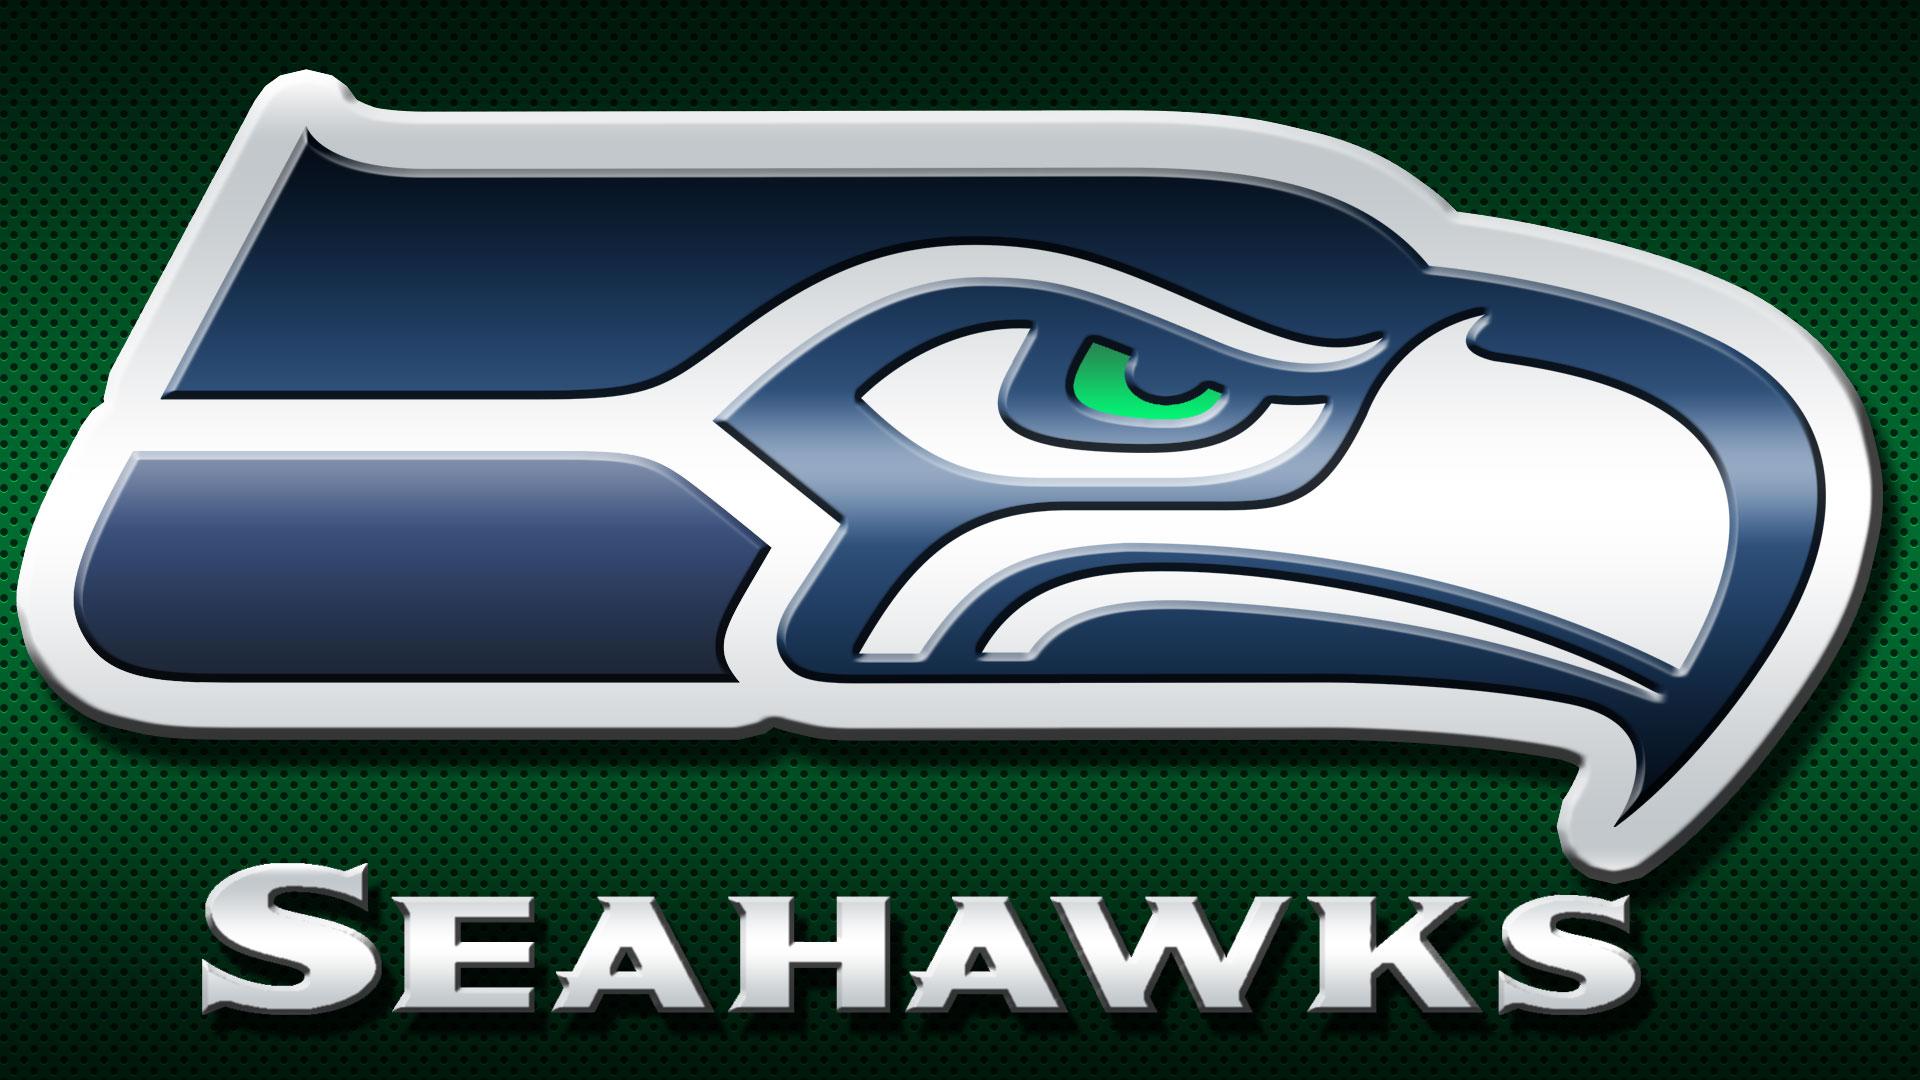 Seattle Seahawks Logos